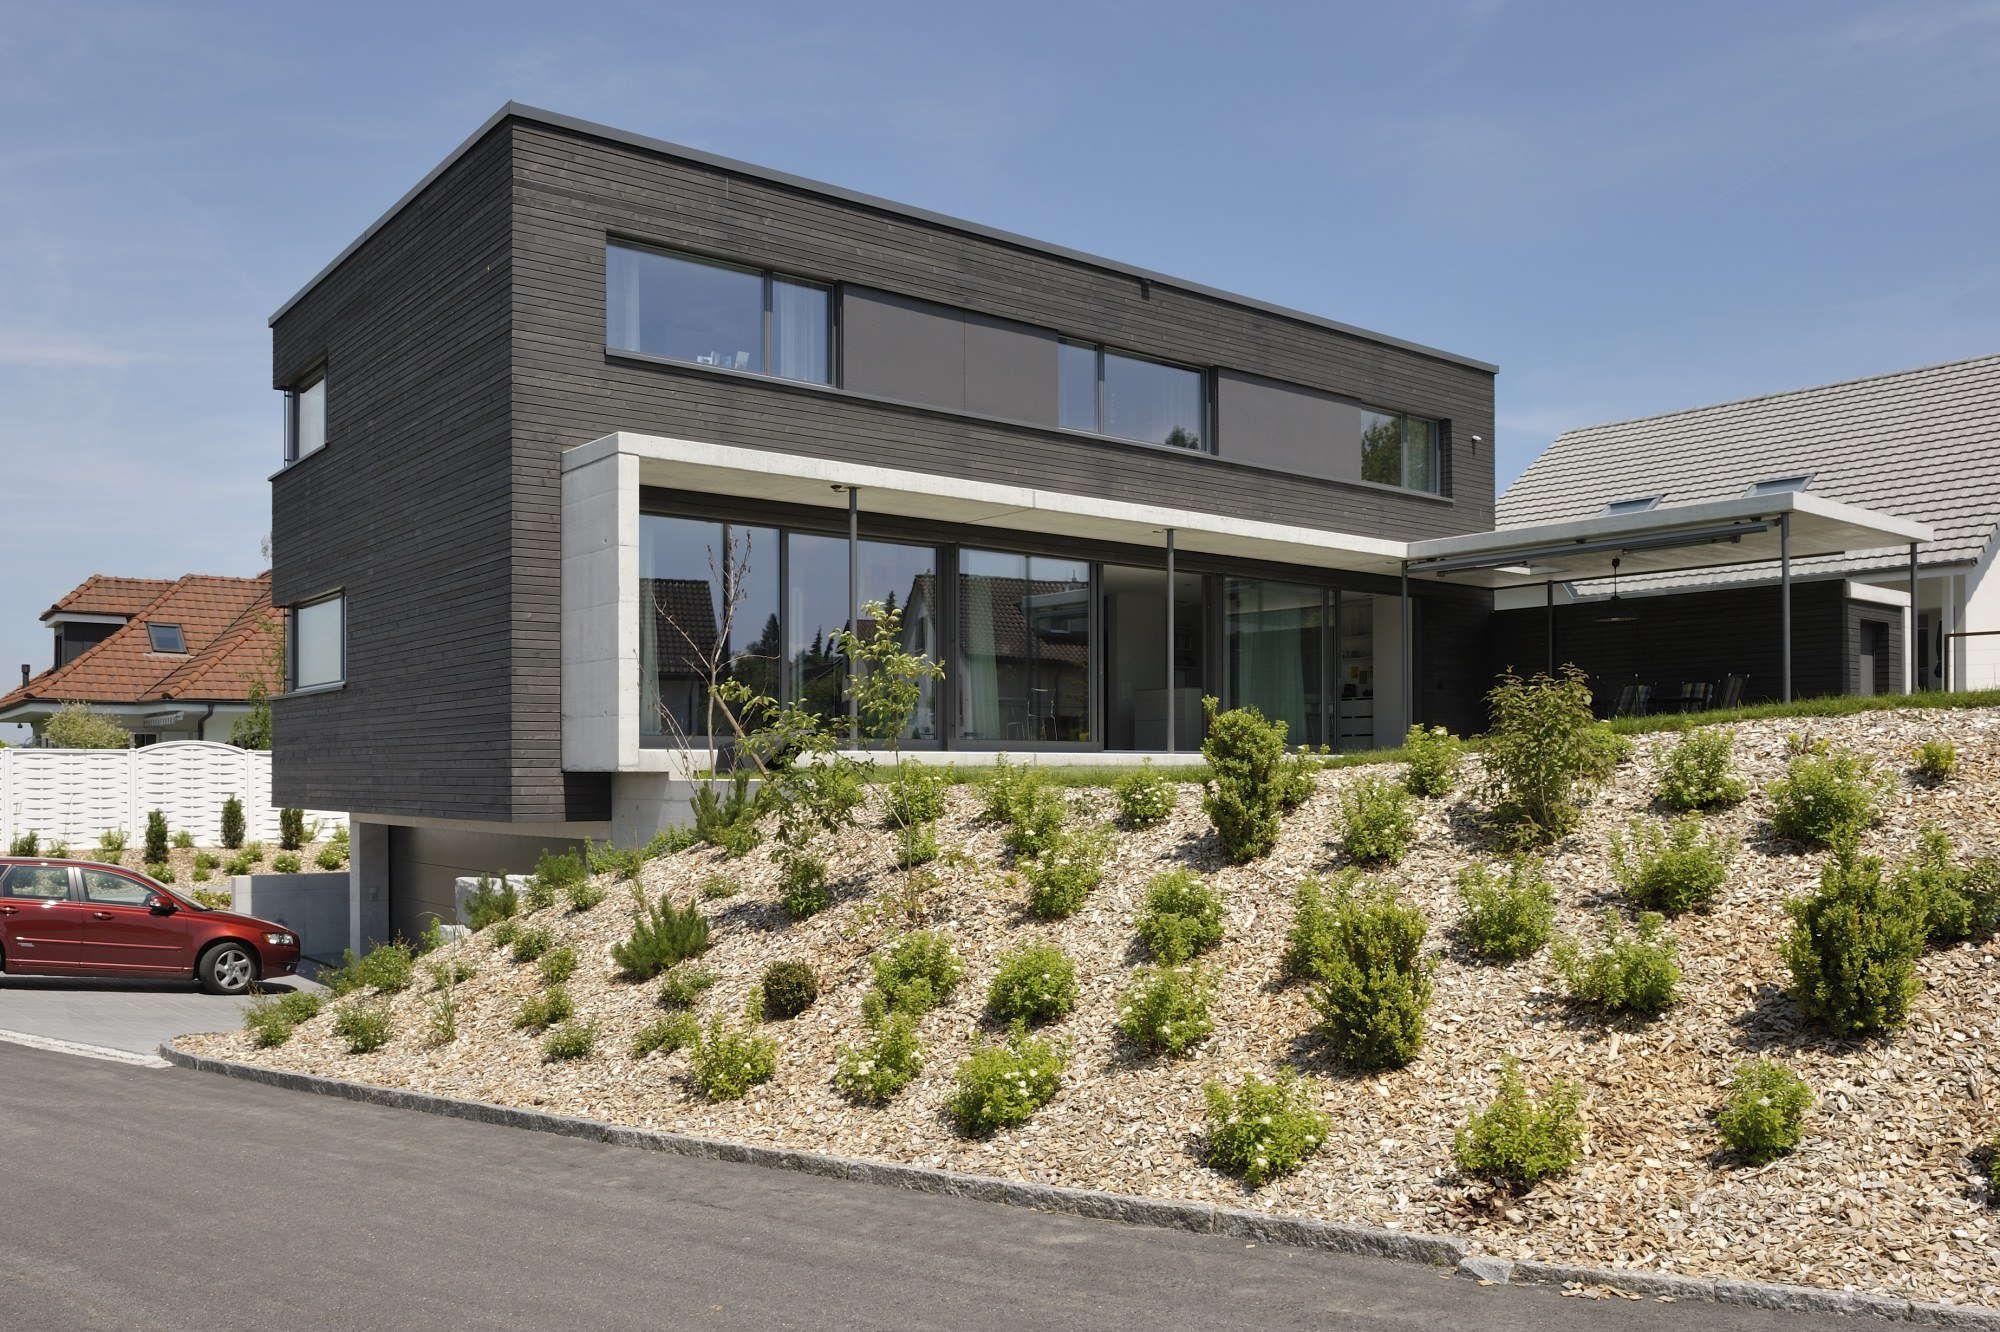 Minergie einfamilienhaus flachdach sitzplatz holzfassade